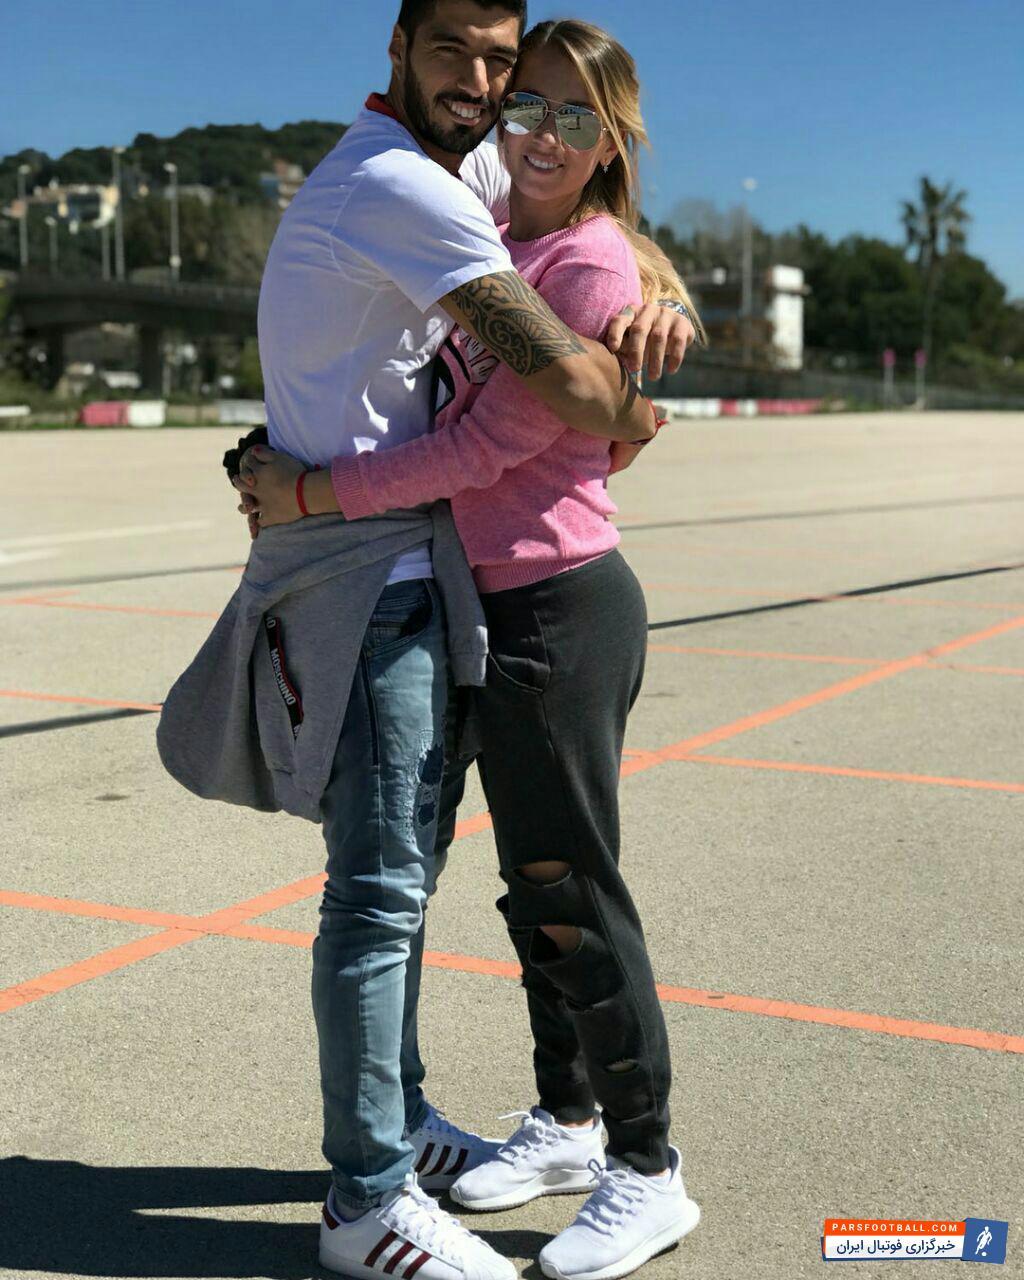 تصویری عاشقانه از لوییس سوارز و همسرش